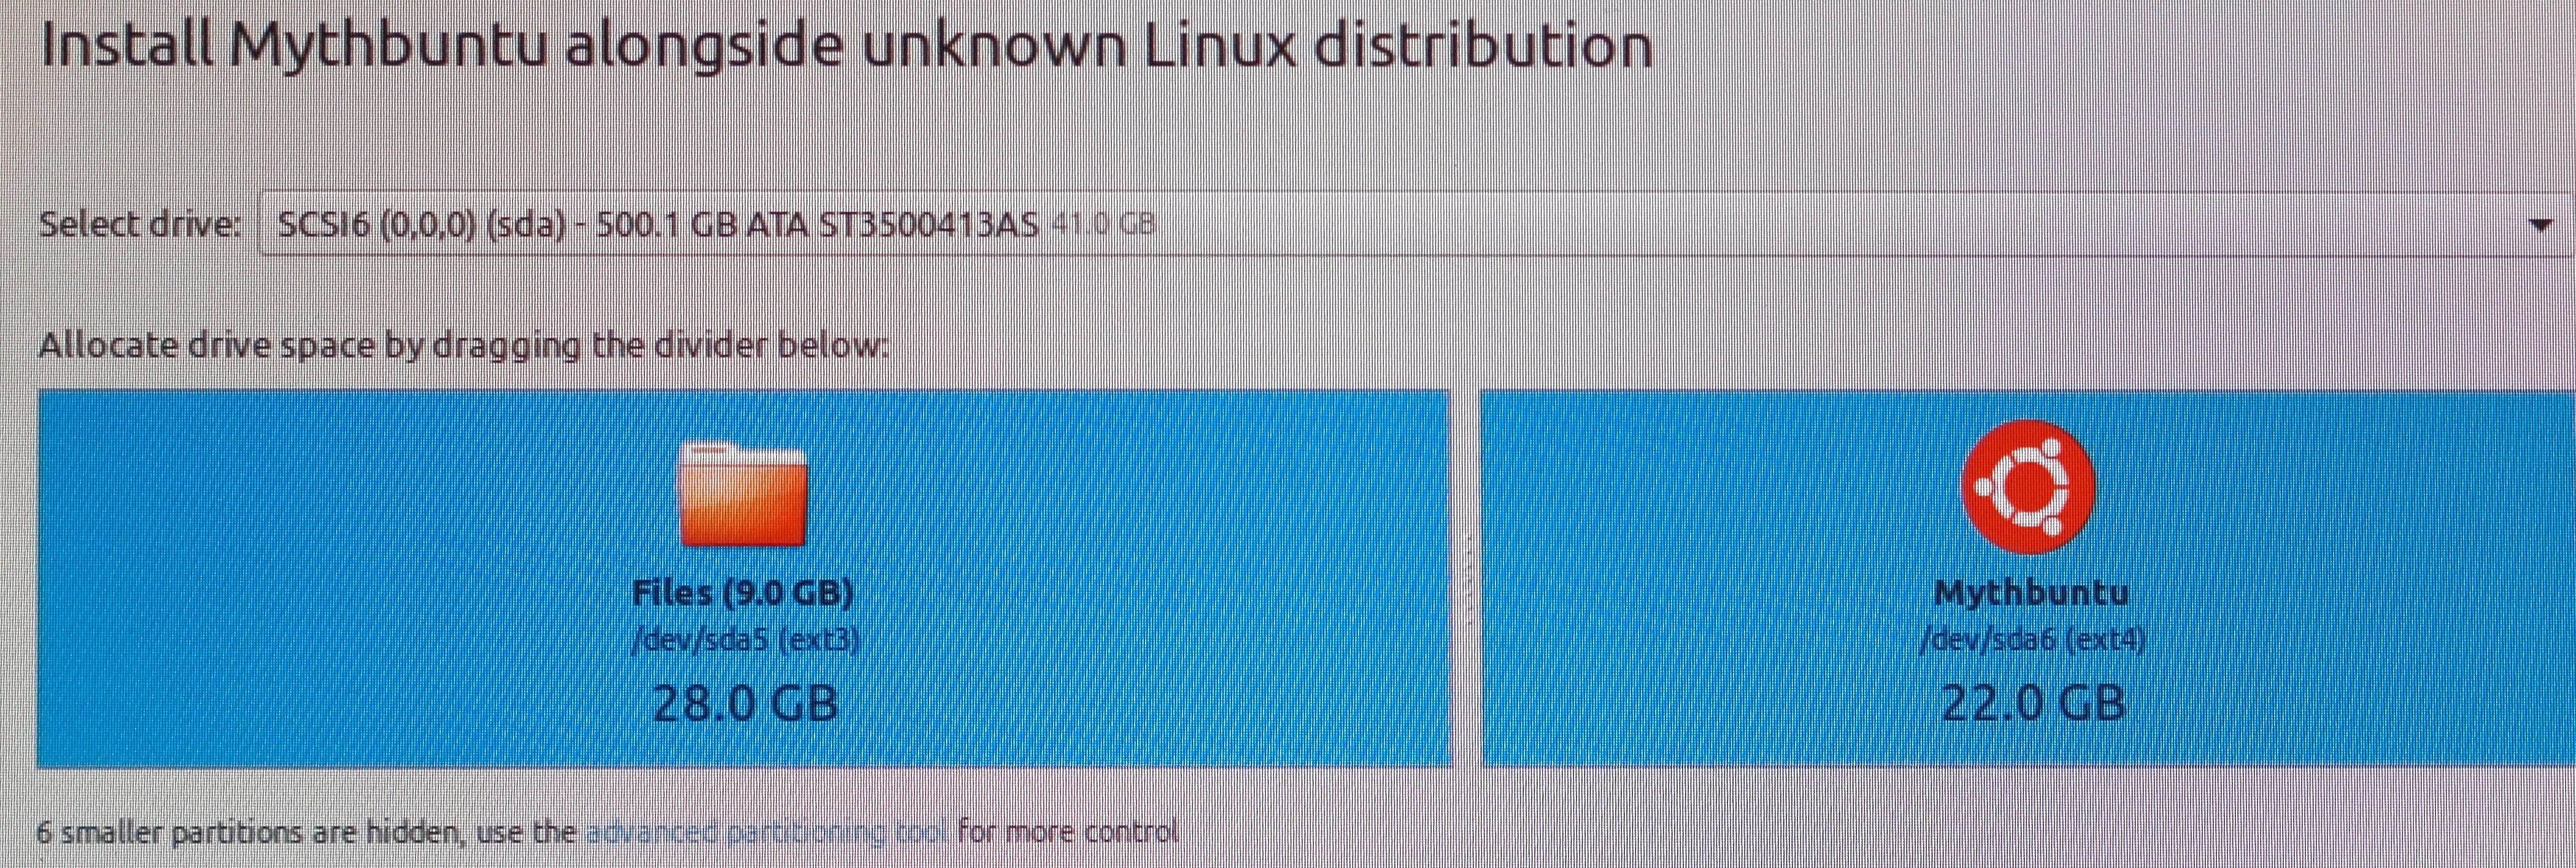 Mythbuntu-1-detail.jpeg